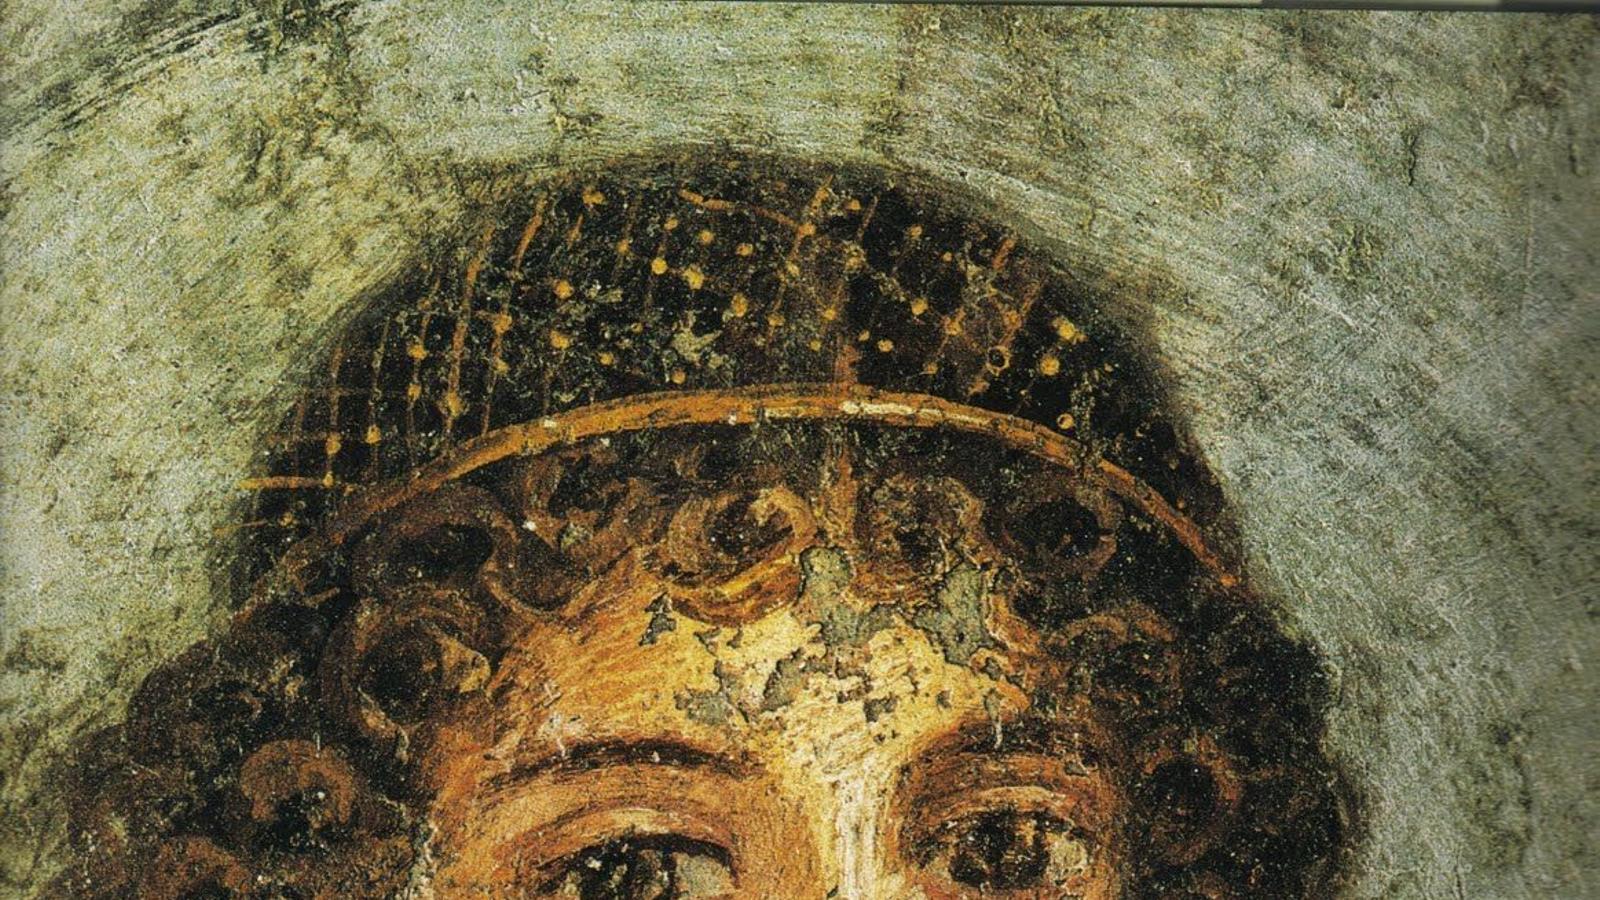 Fresc de Pompeia on es veu una jove escriptora de l'alta societat